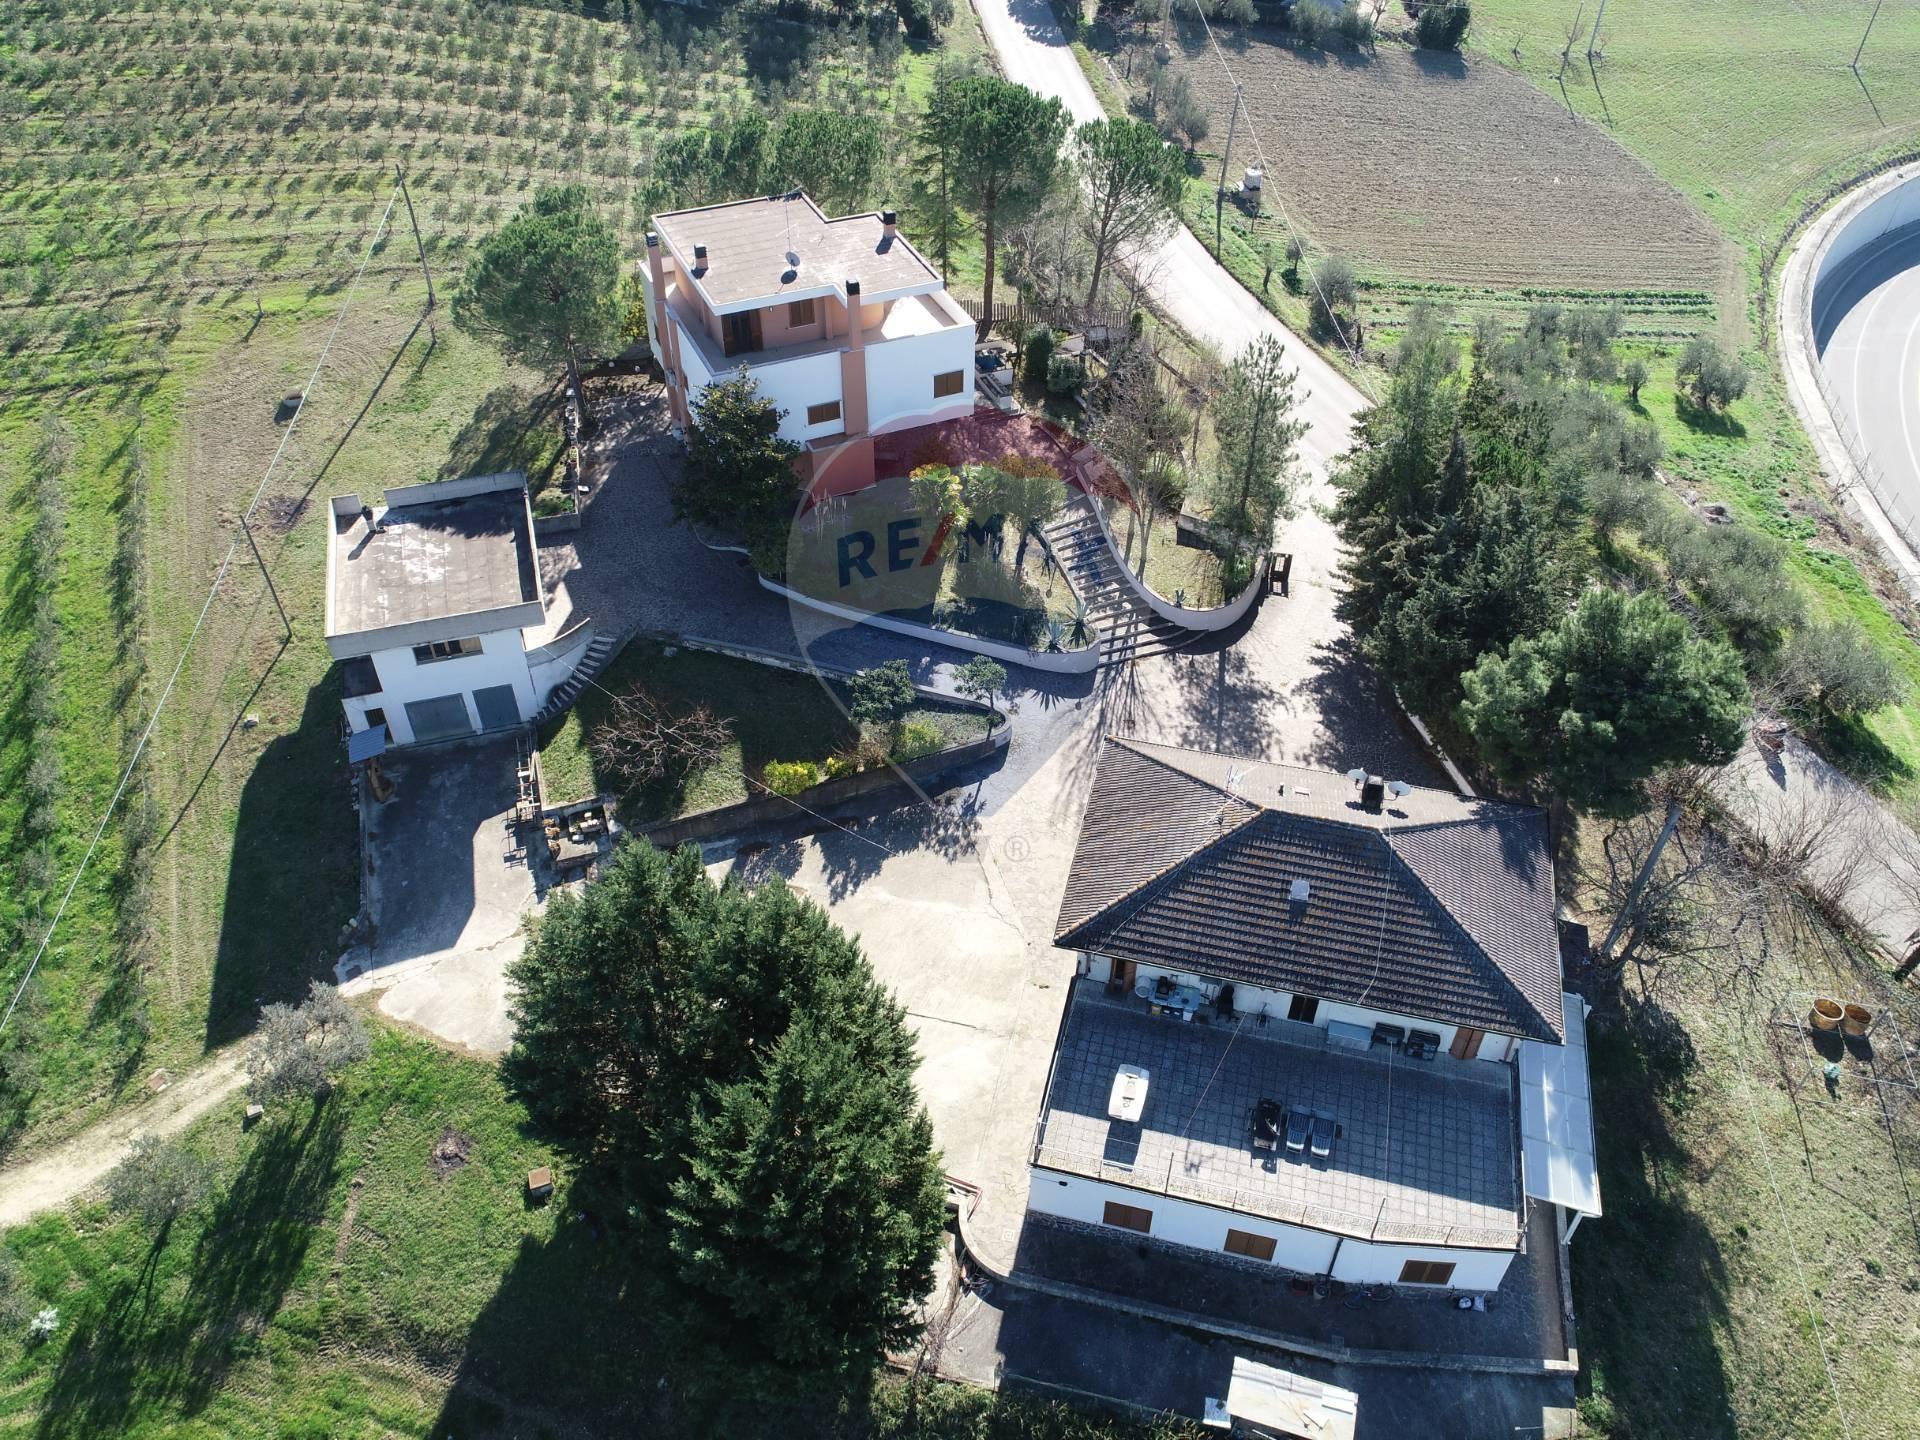 Rustico / Casale in vendita a Bucchianico, 21 locali, prezzo € 750.000 | CambioCasa.it